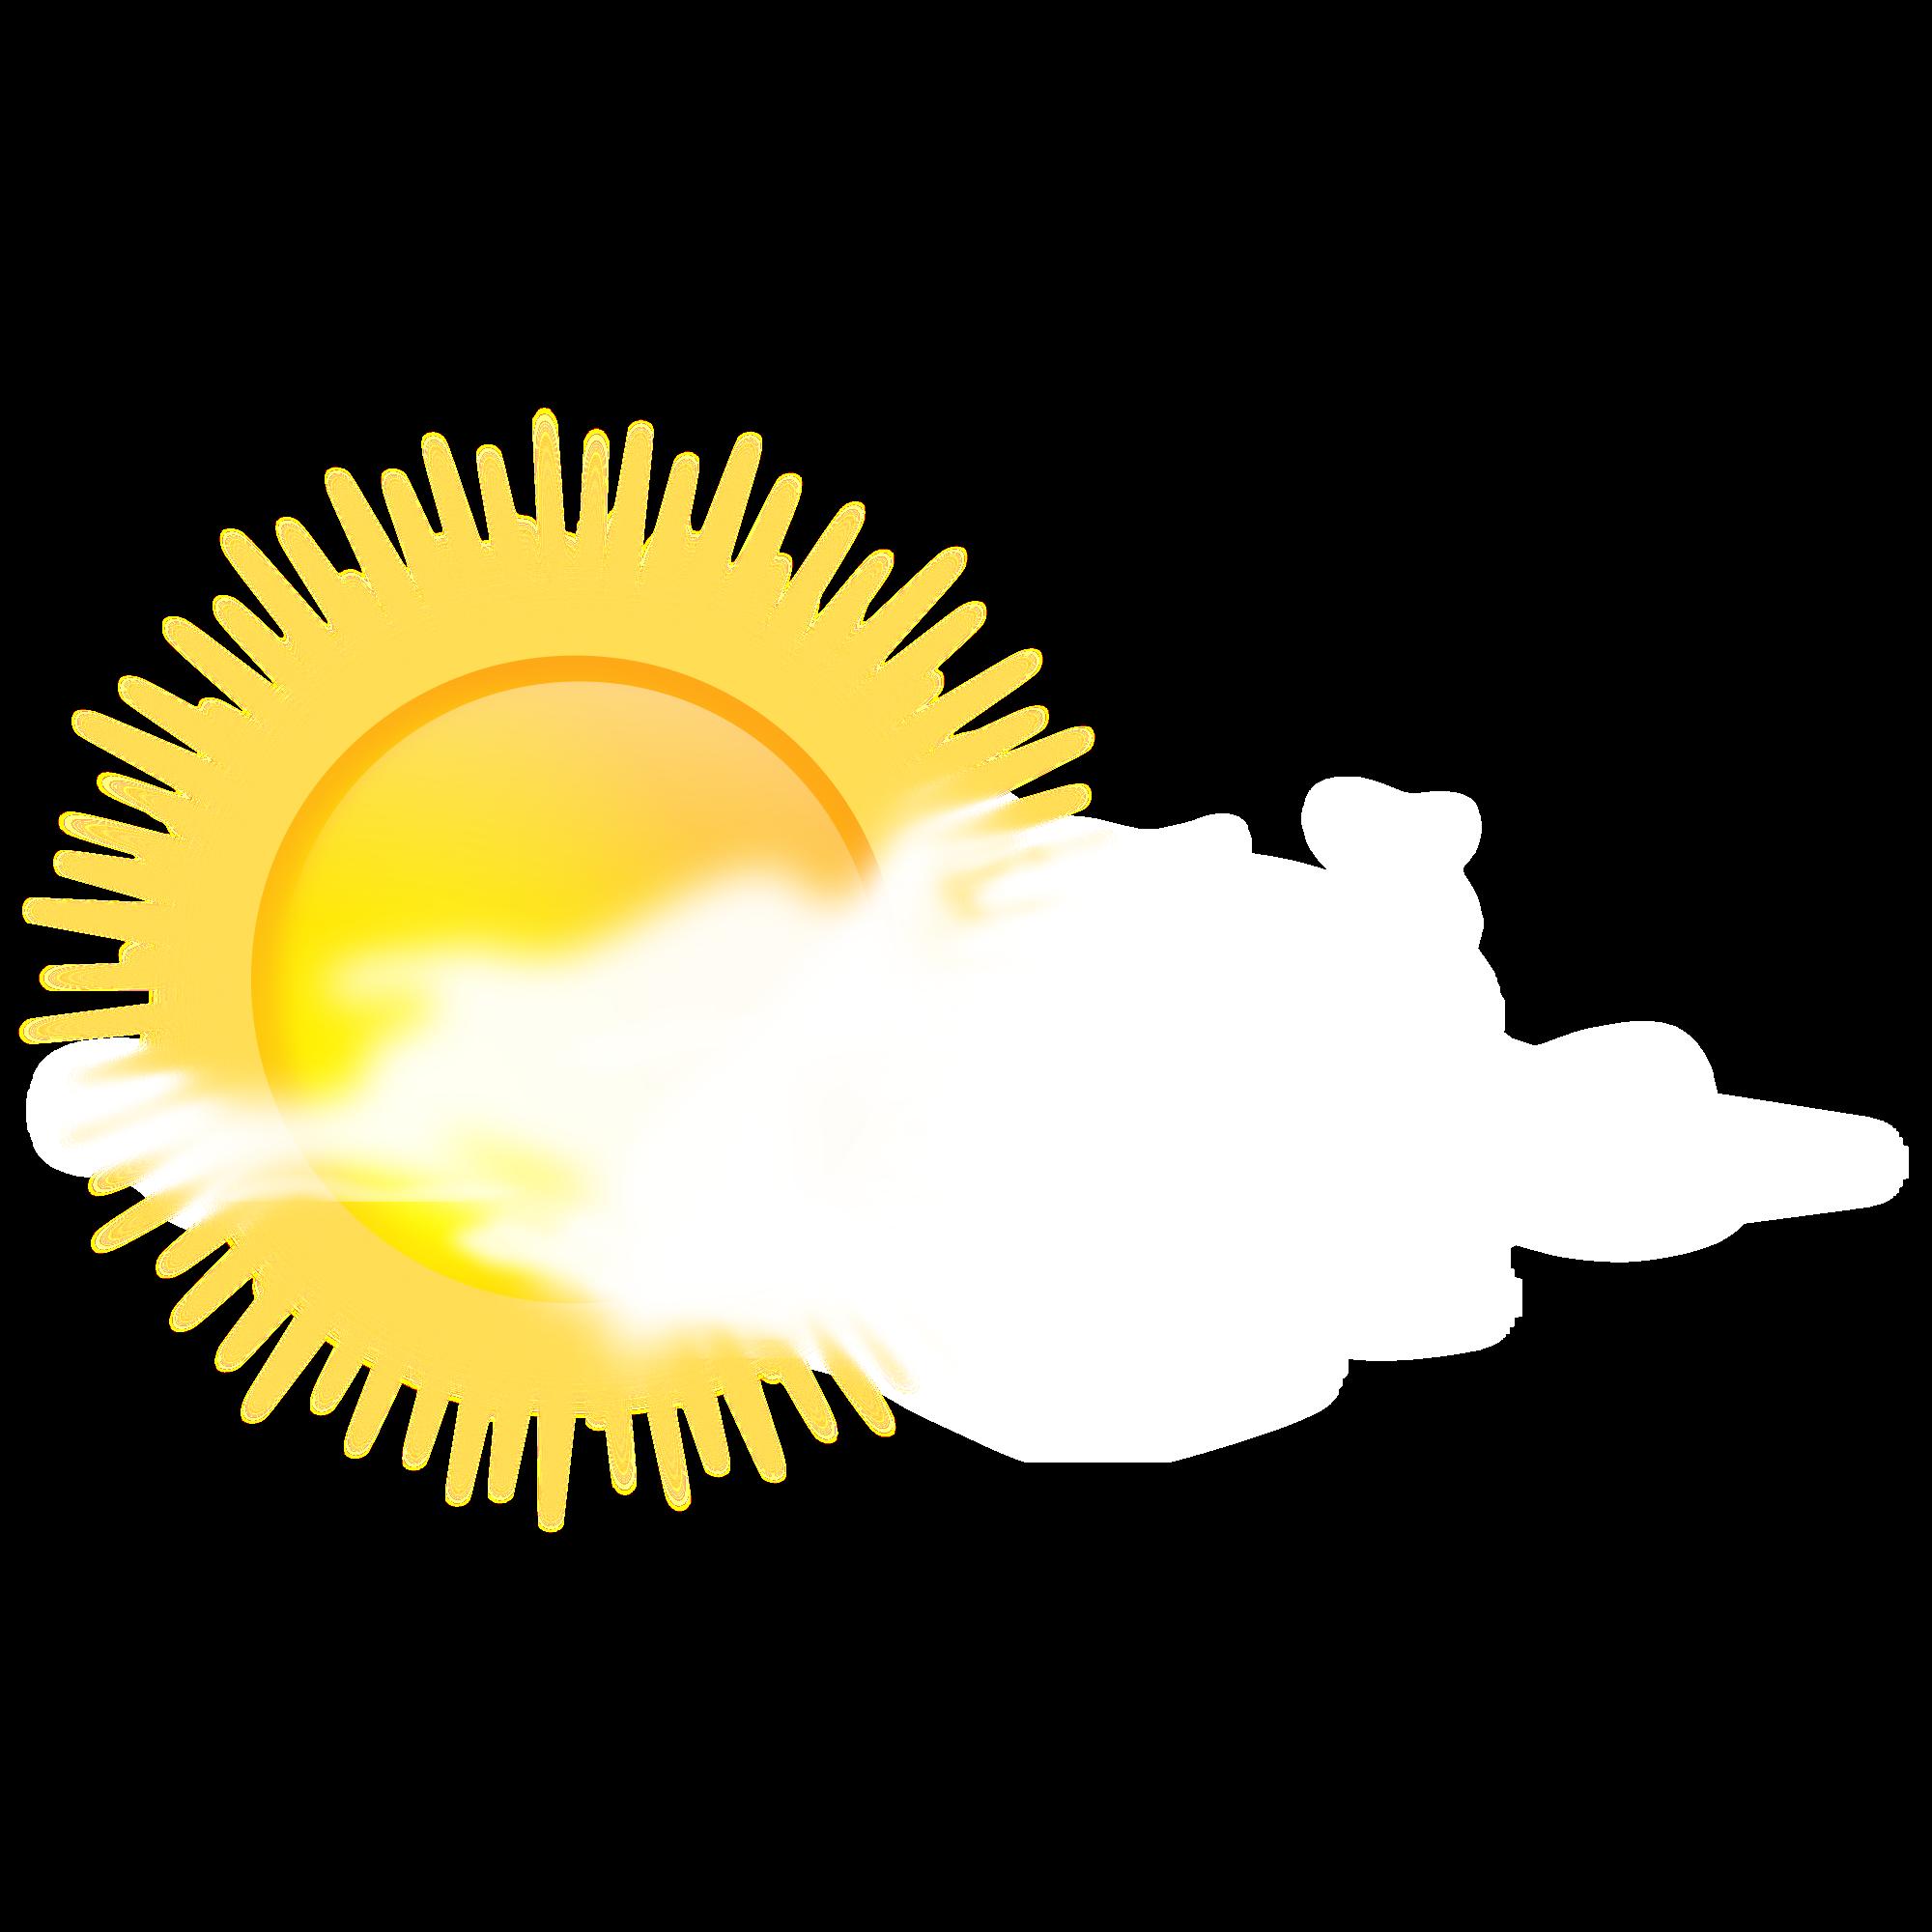 Eyelashes clipart svg. File weather icon sunny